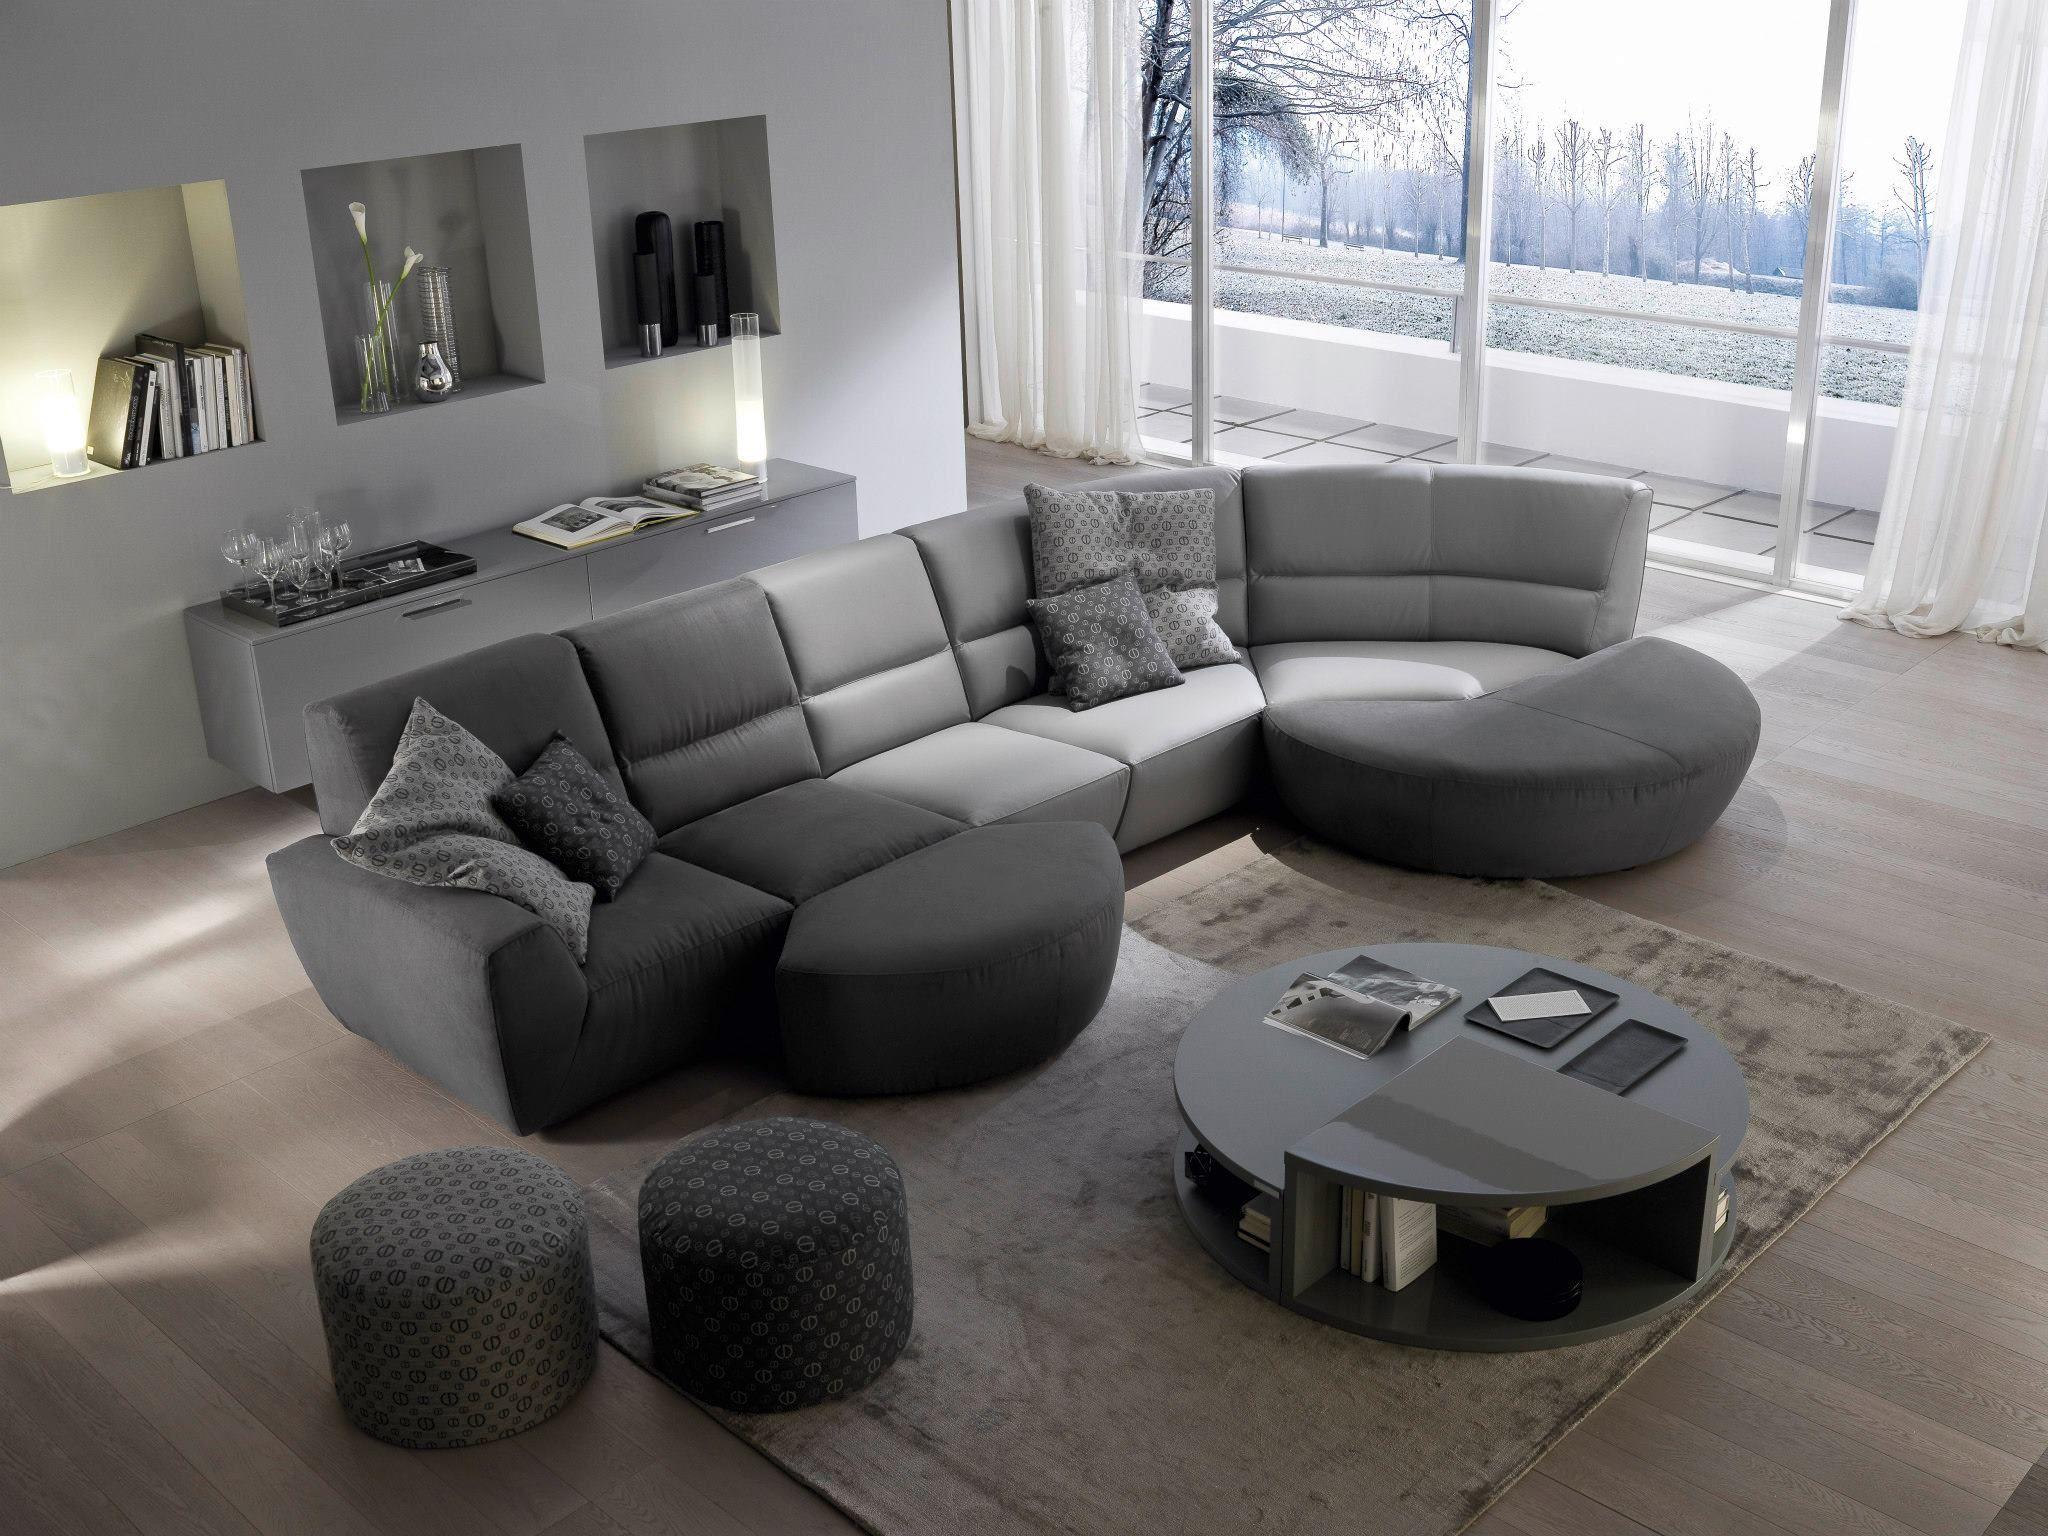 A milano stile classico e contemporaneo. Pin Di Deco Interiors Su Kanapek Sofas Arredamento D Interni Arredamento Divano